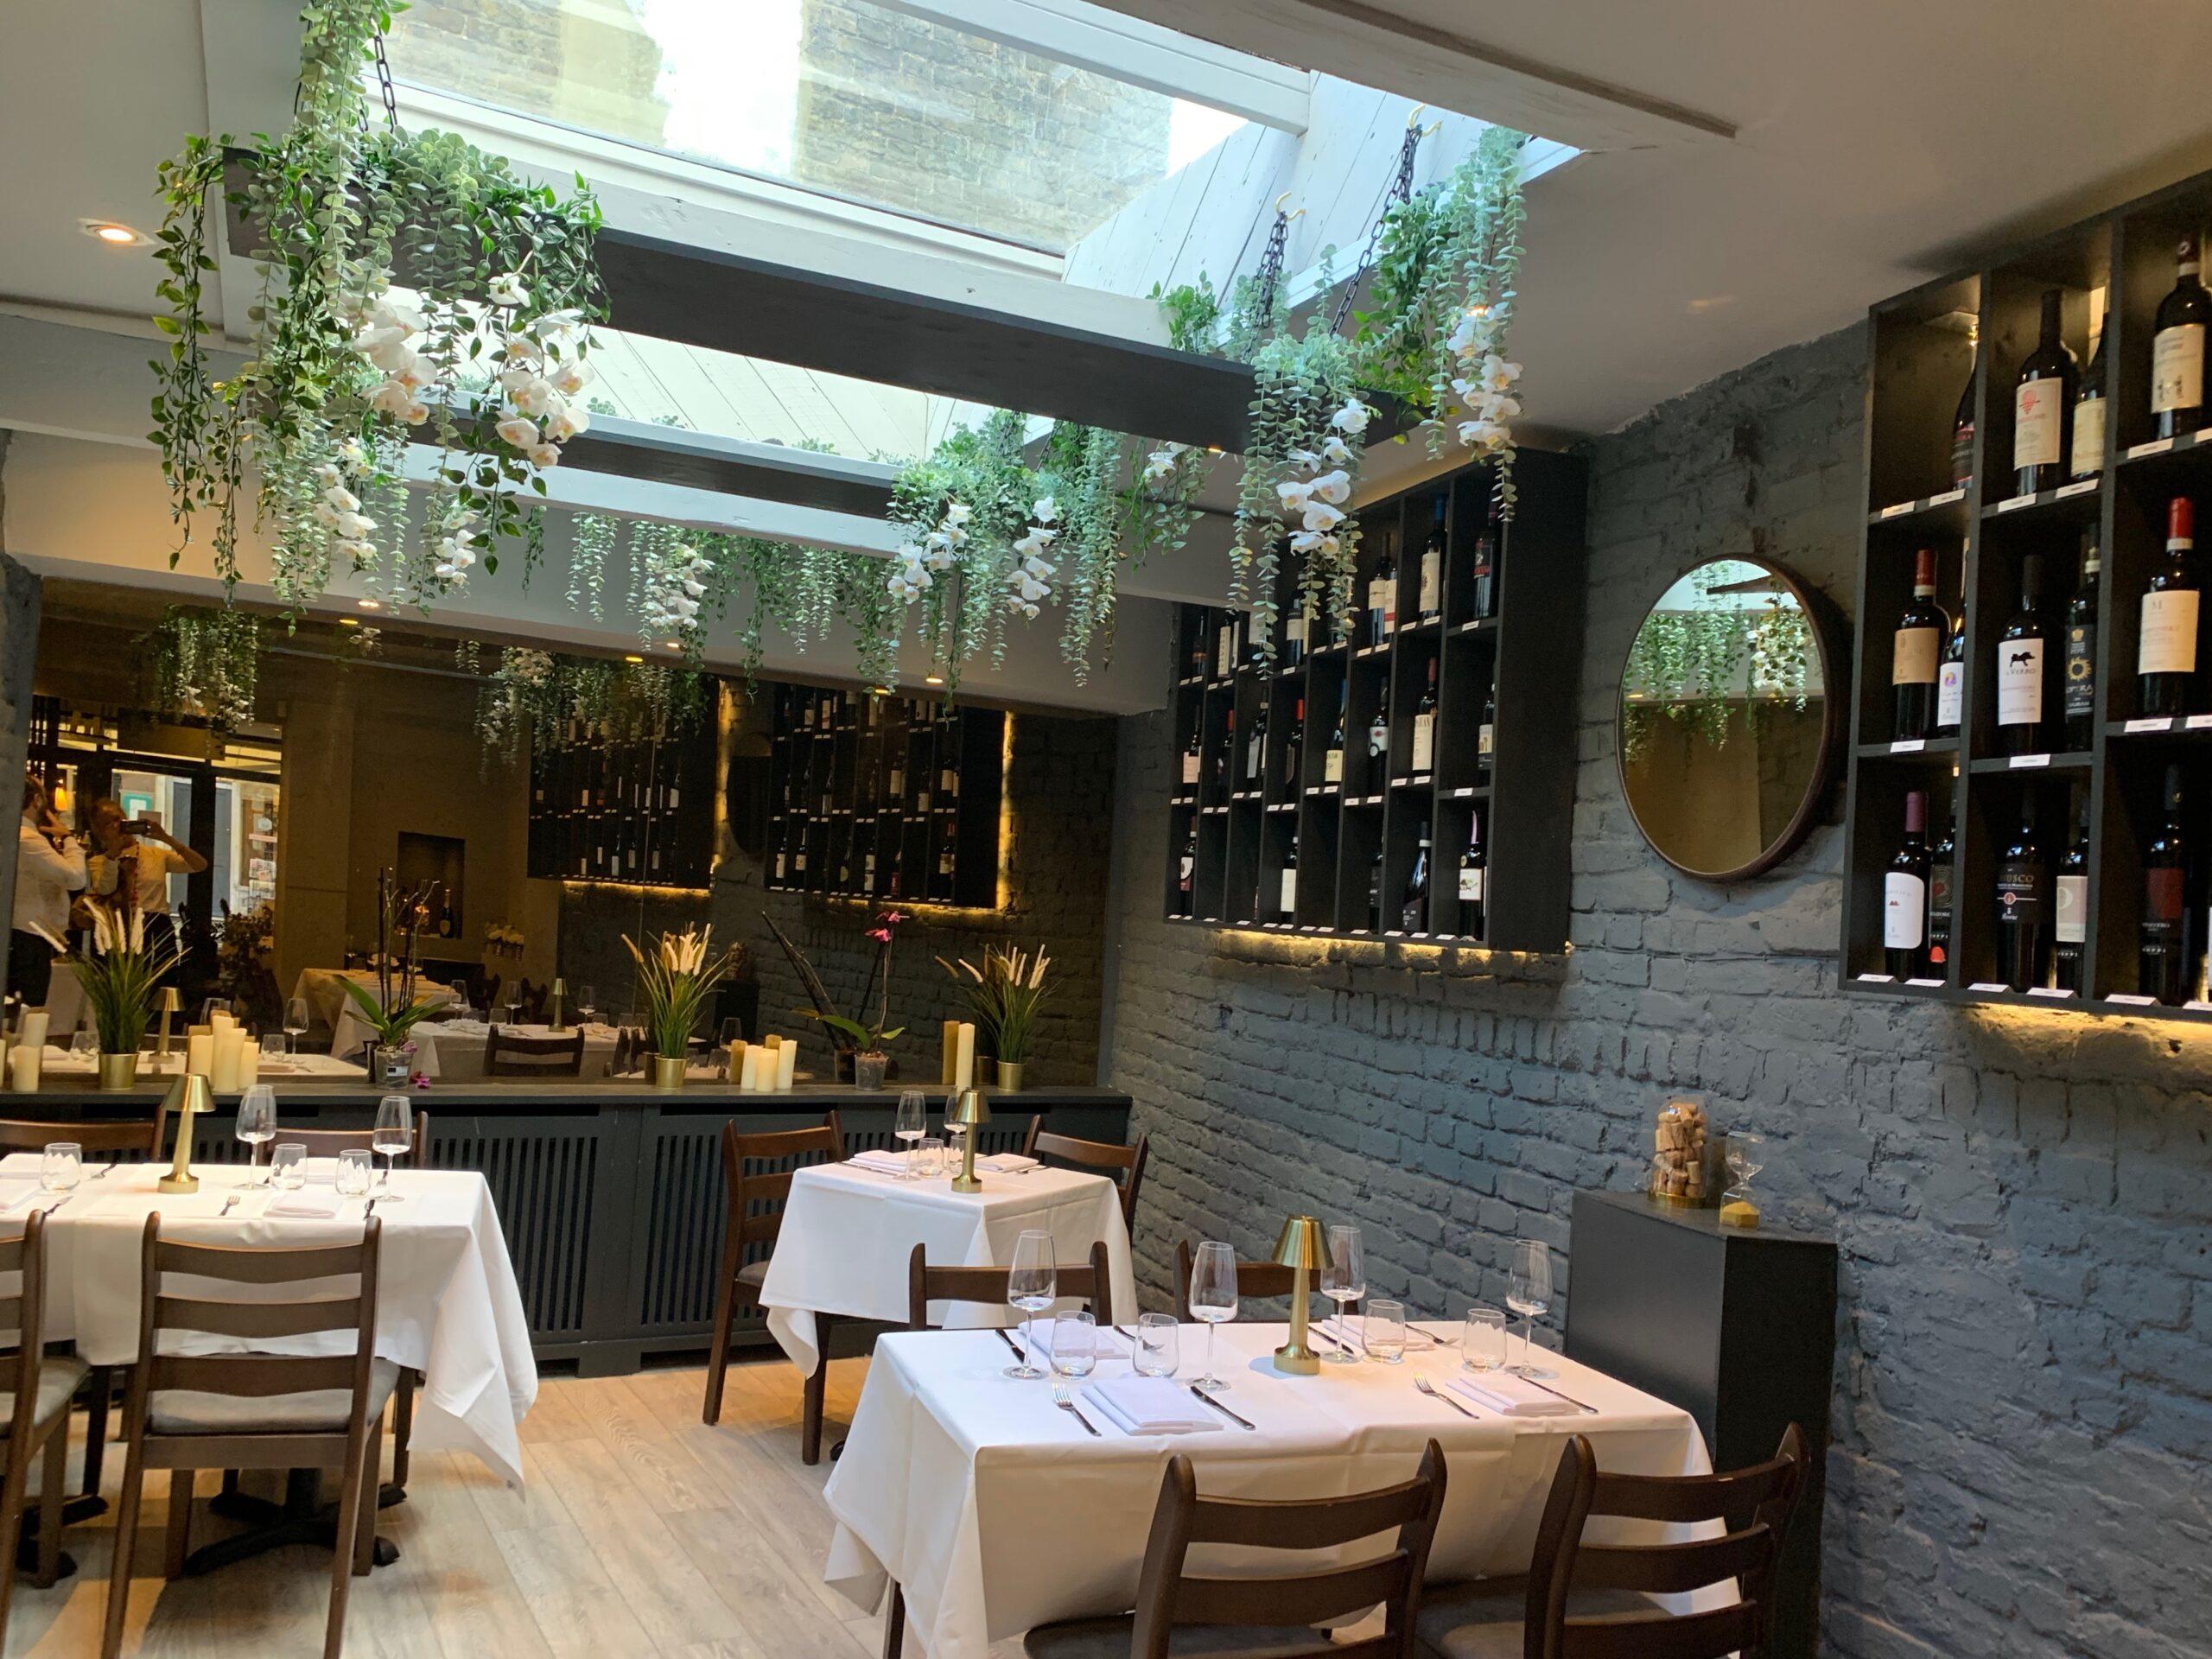 L'Artigiano - NEW Italian Fine Dining in Chelsea: Cosy, modern interiors